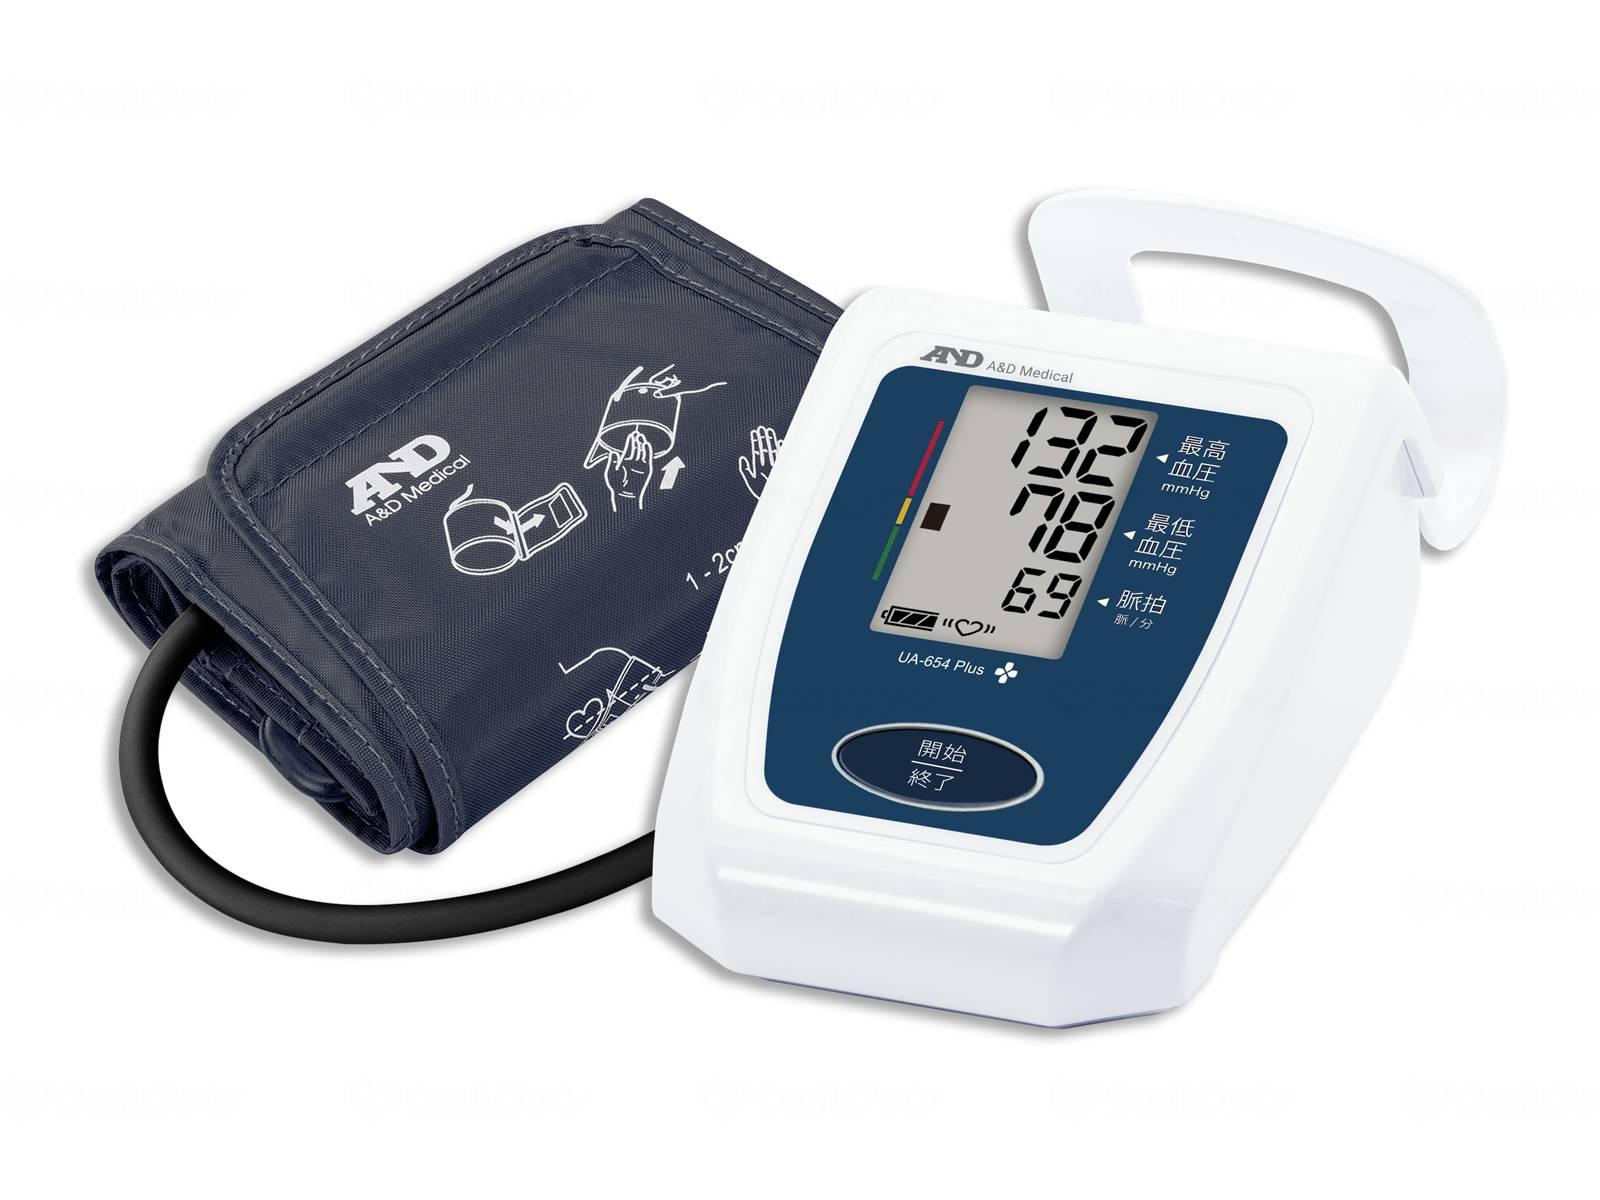 上腕式血圧計UA654Plusの画像